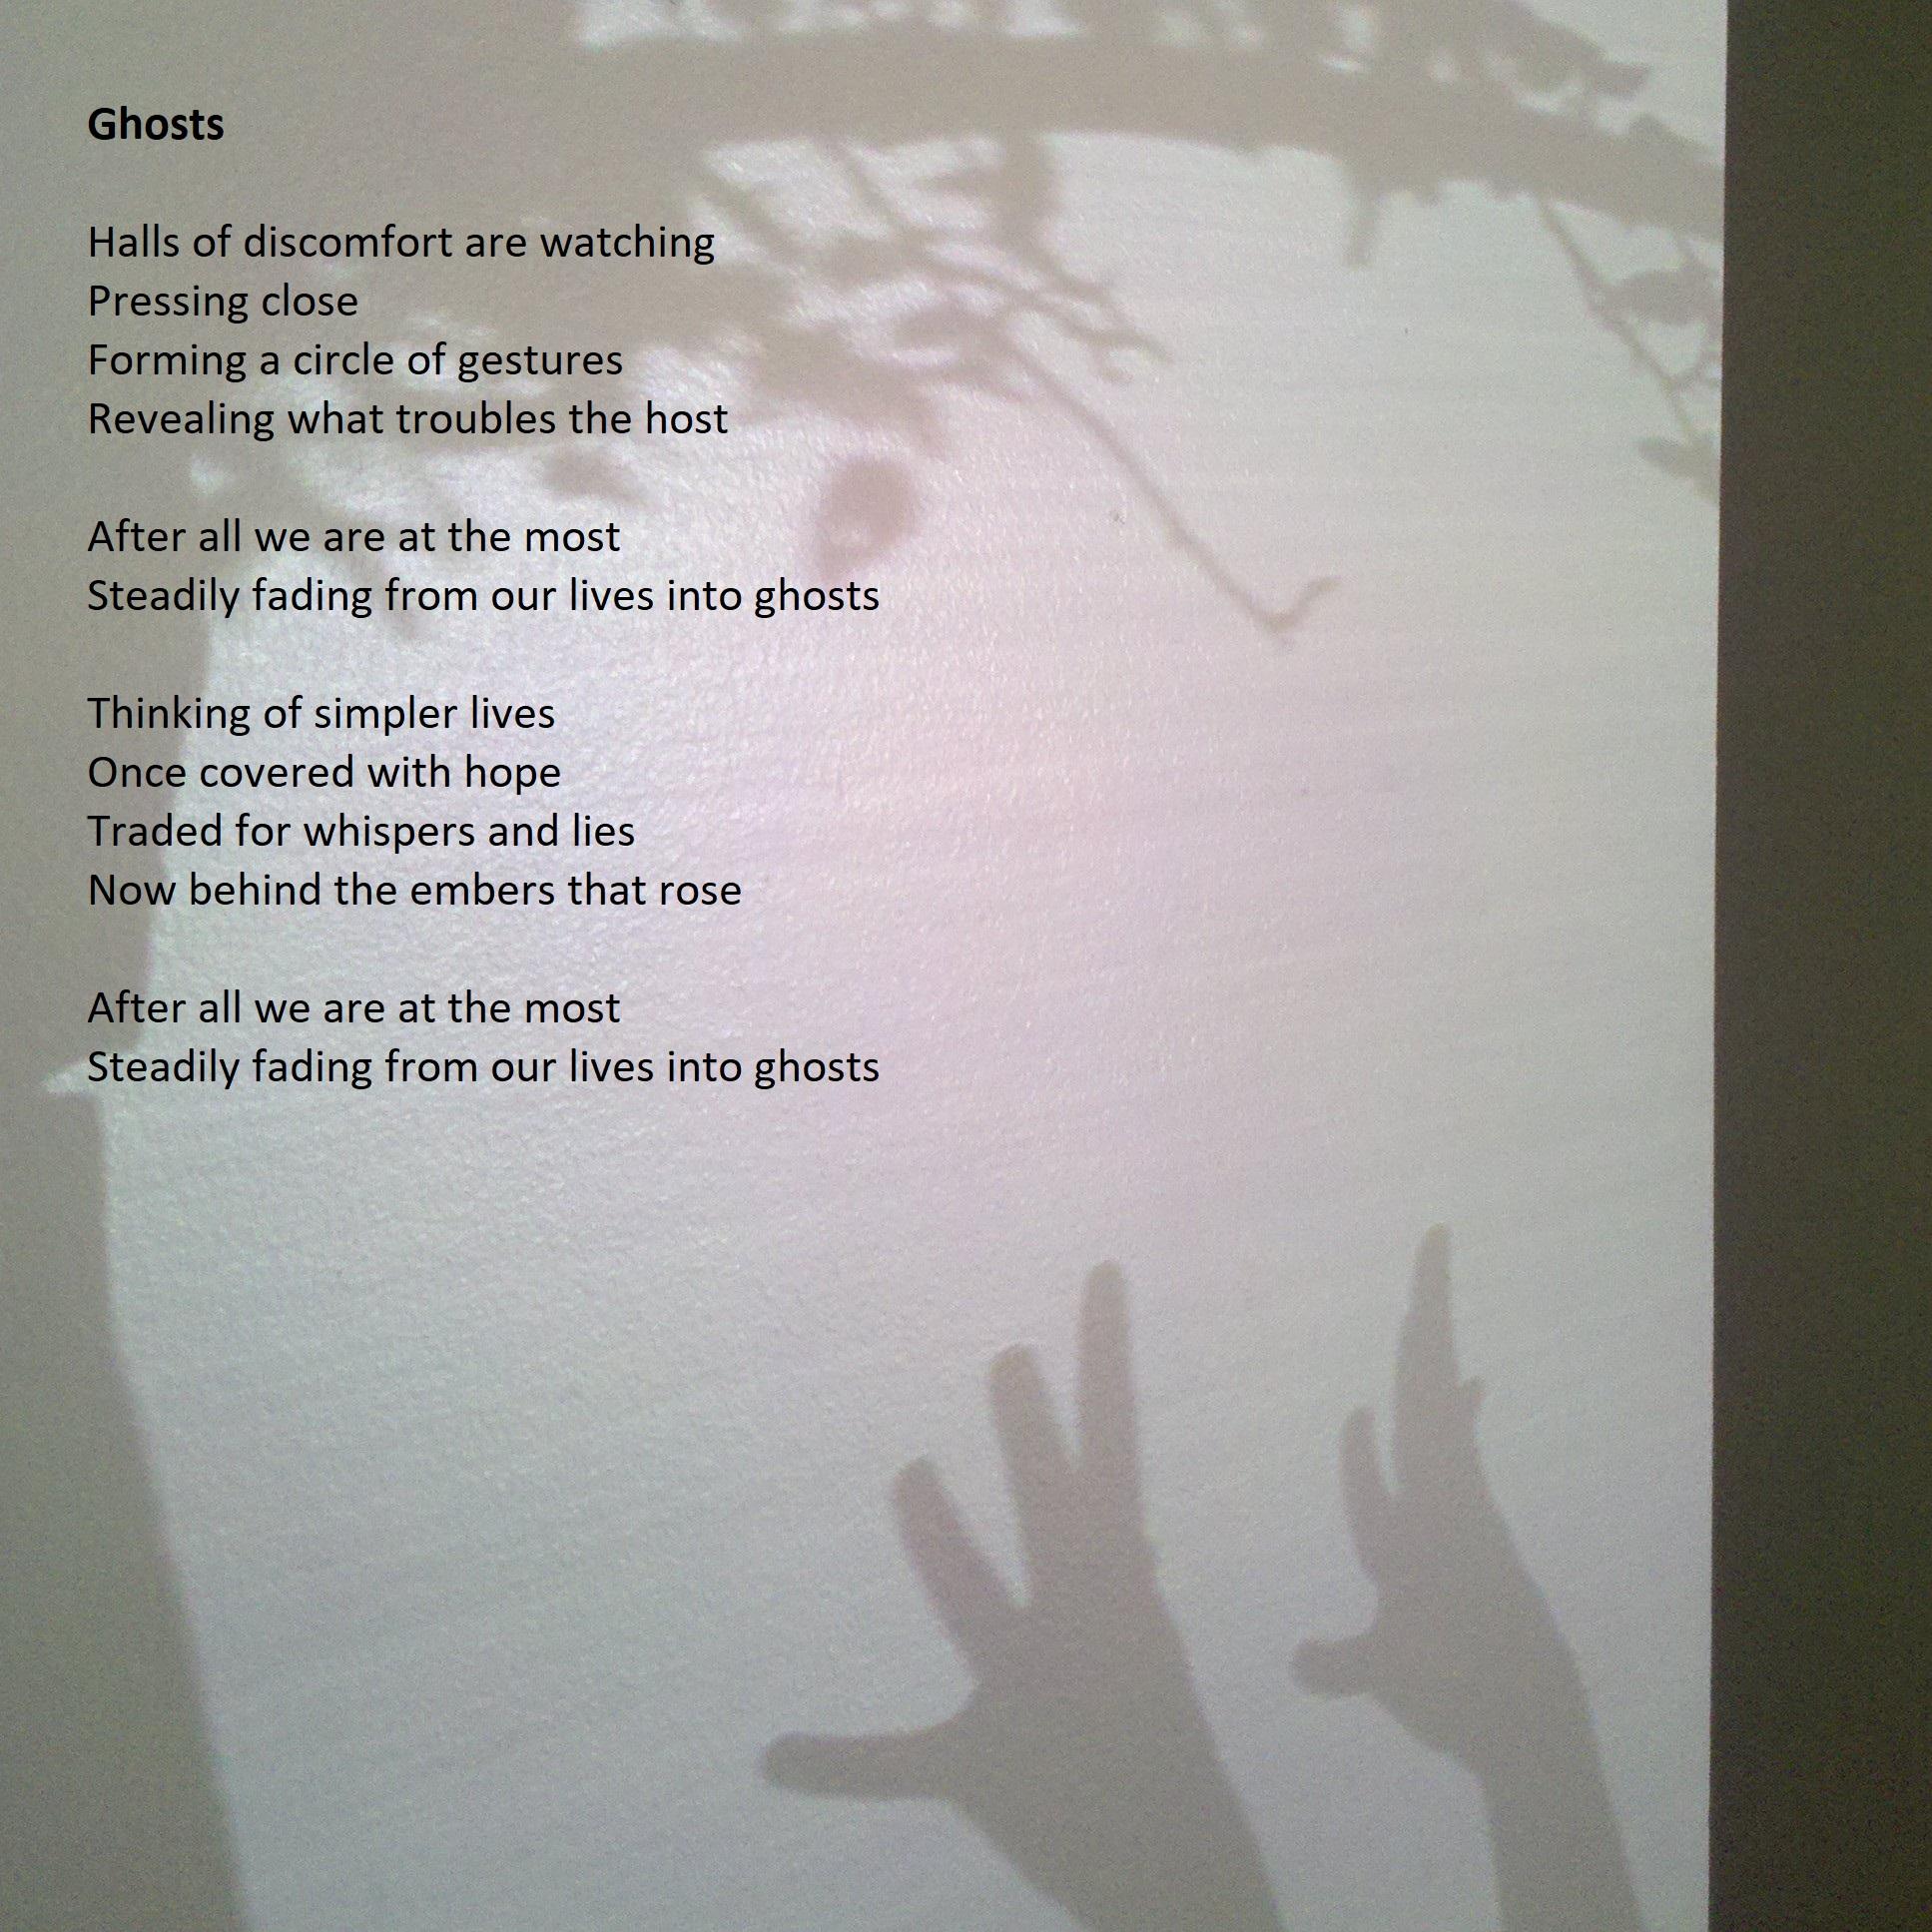 07 Ghosts.jpg